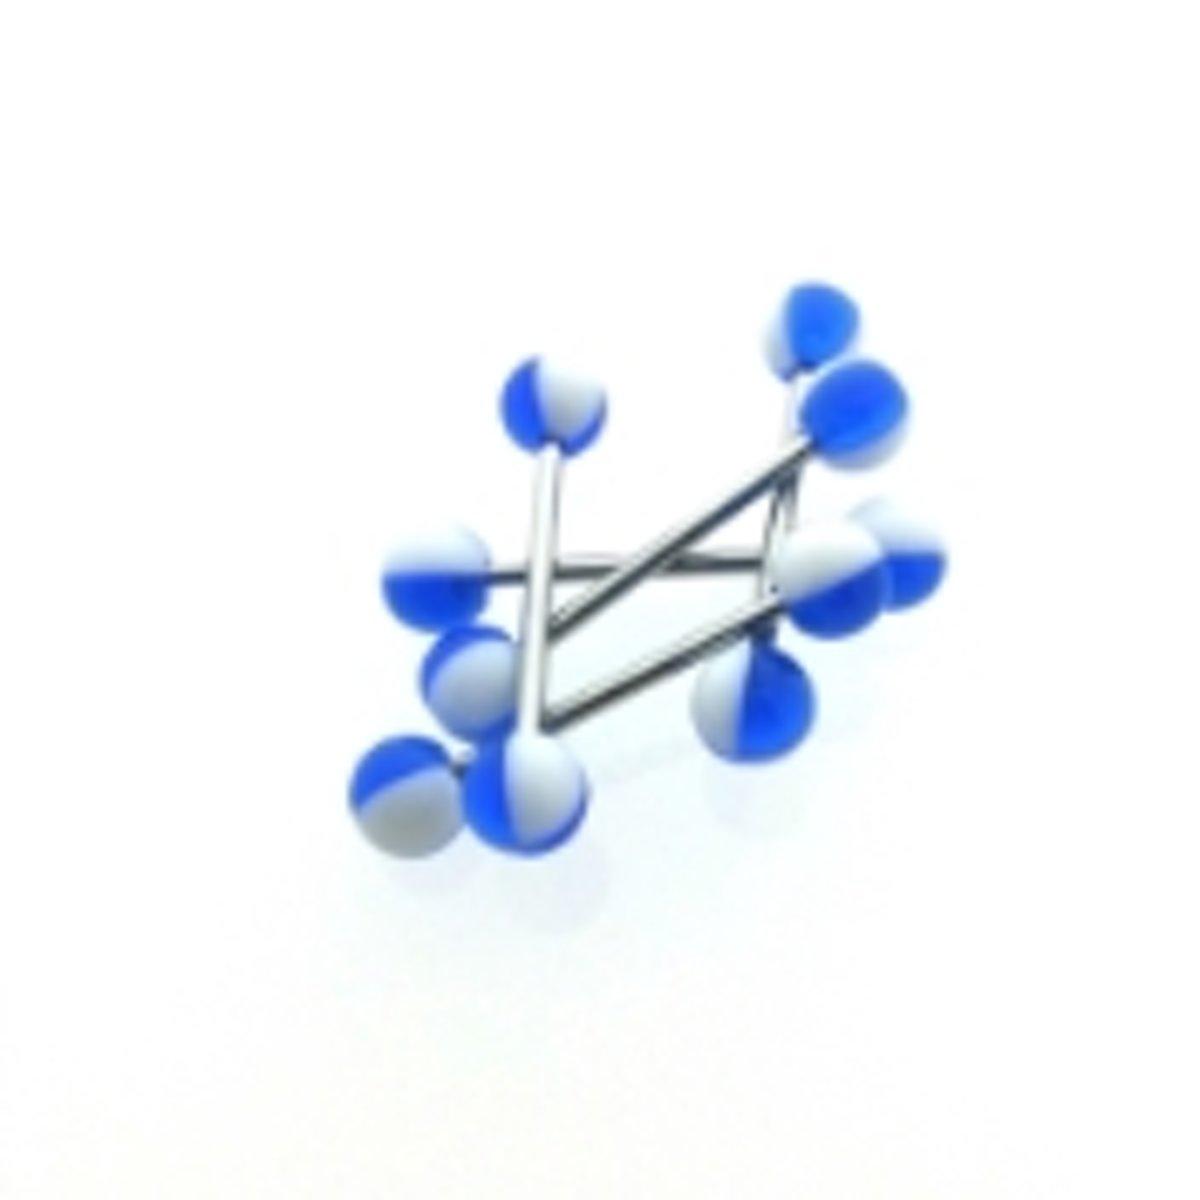 Tongpiercing acryl wit/blauw kopen